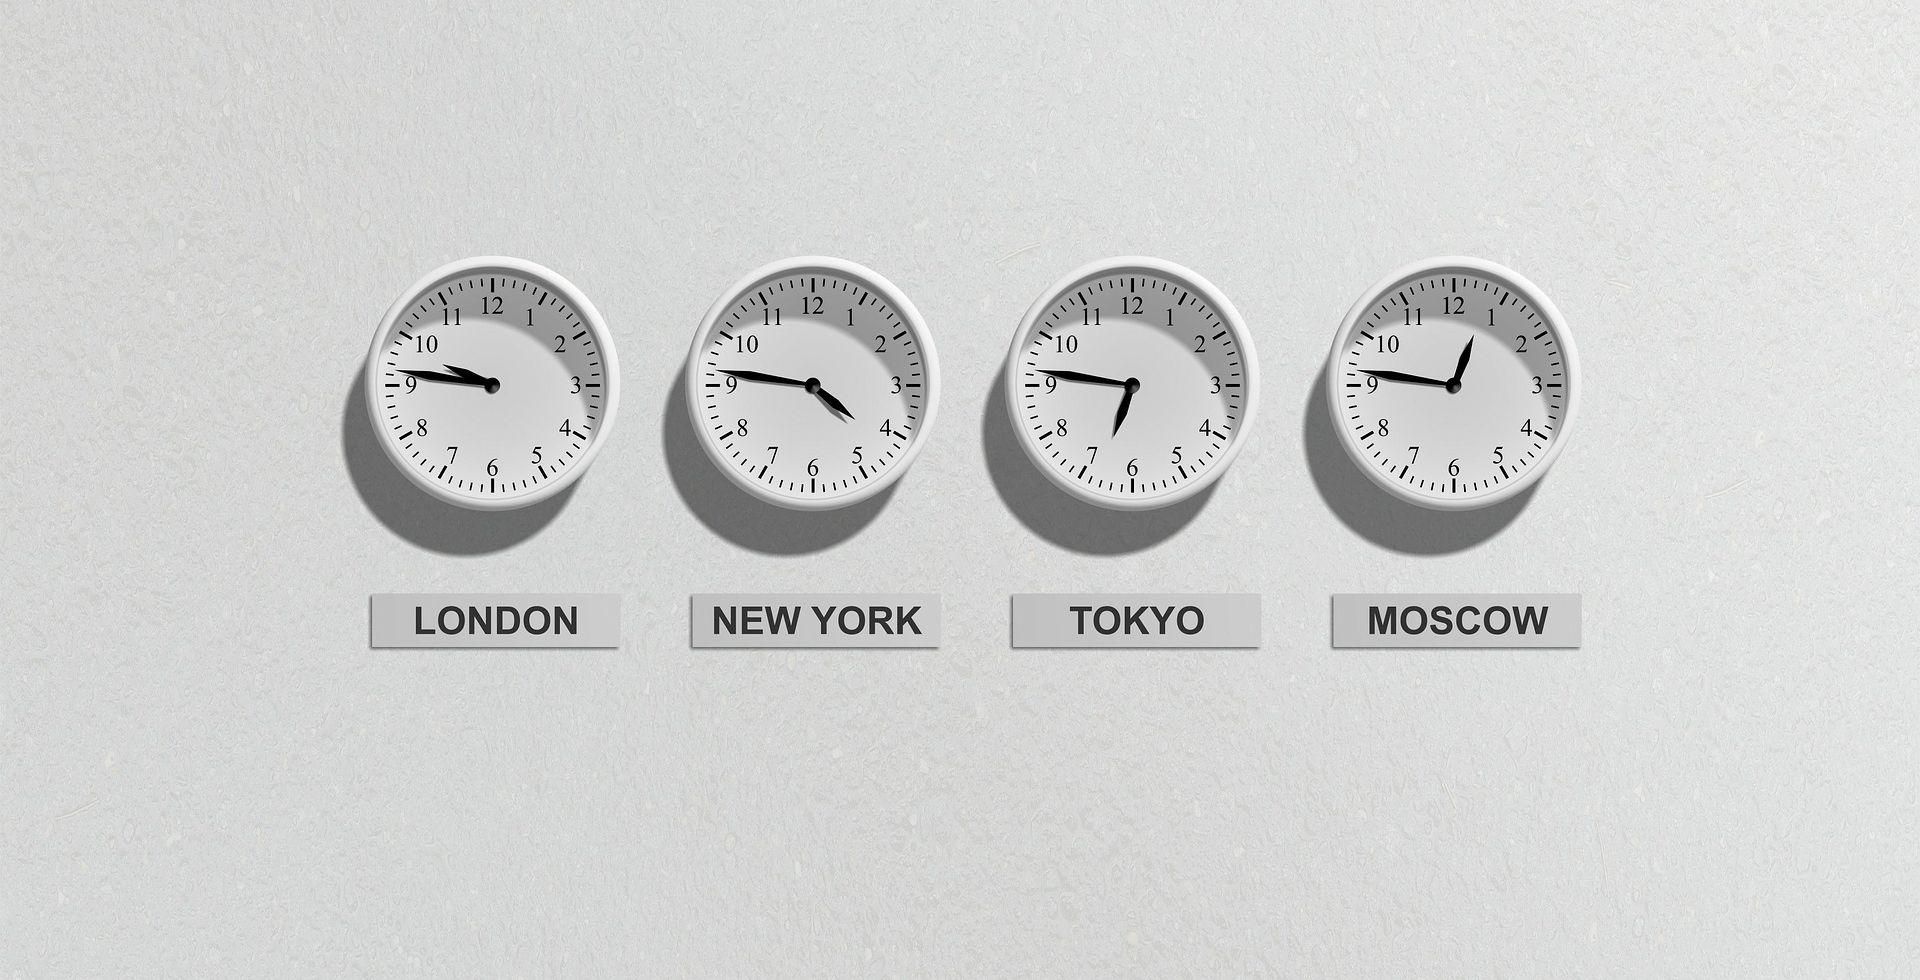 SJEVERNA KOREJA U VLASTITOJ VREMENSKOJ ZONI 15. kolovoza u Pyongyangu se pomiču satovi